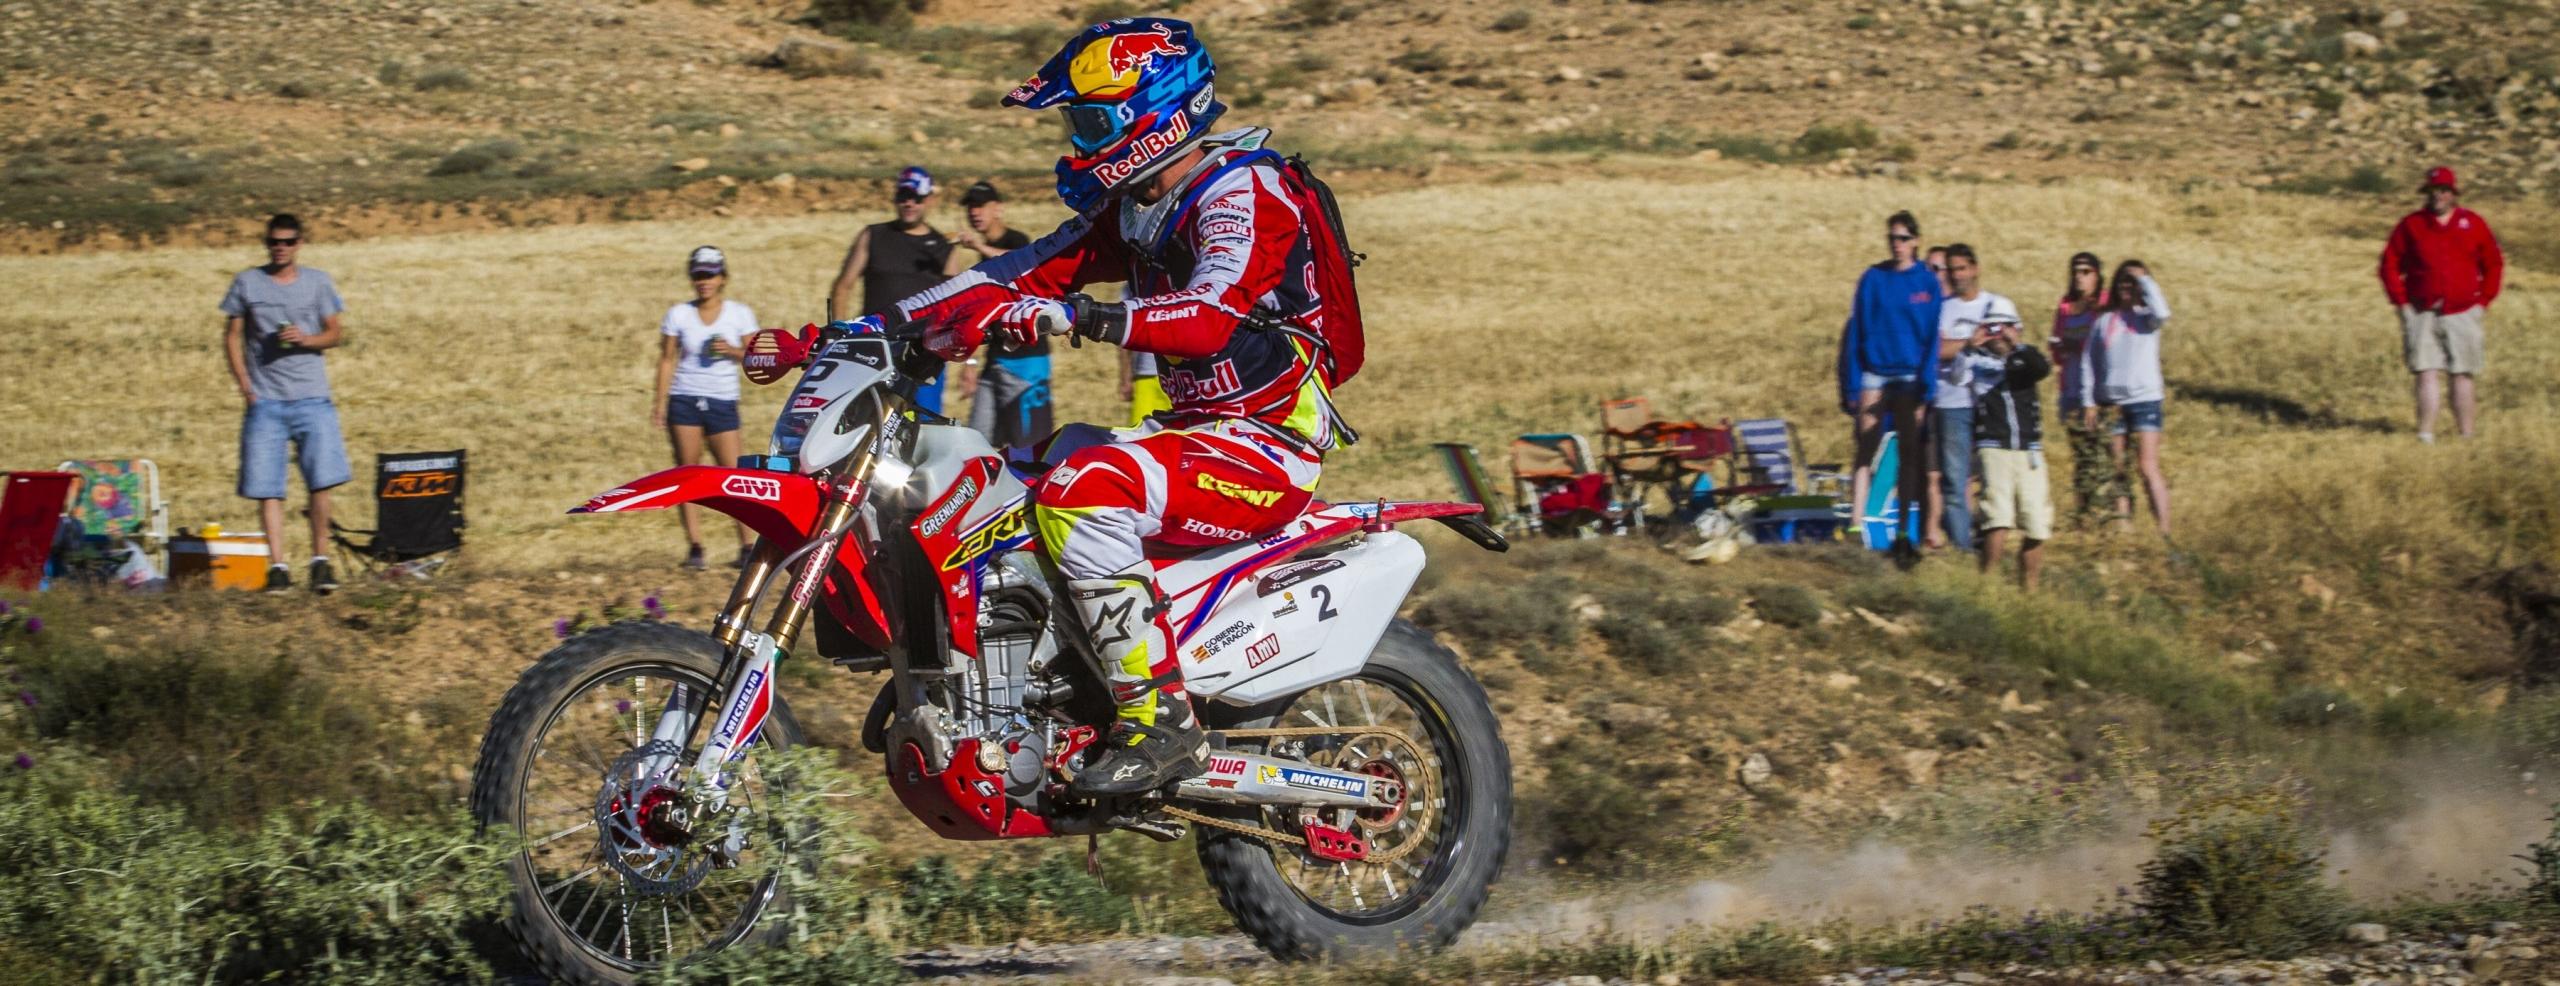 Joan Barreda and Honda dominate the Baja Aragón